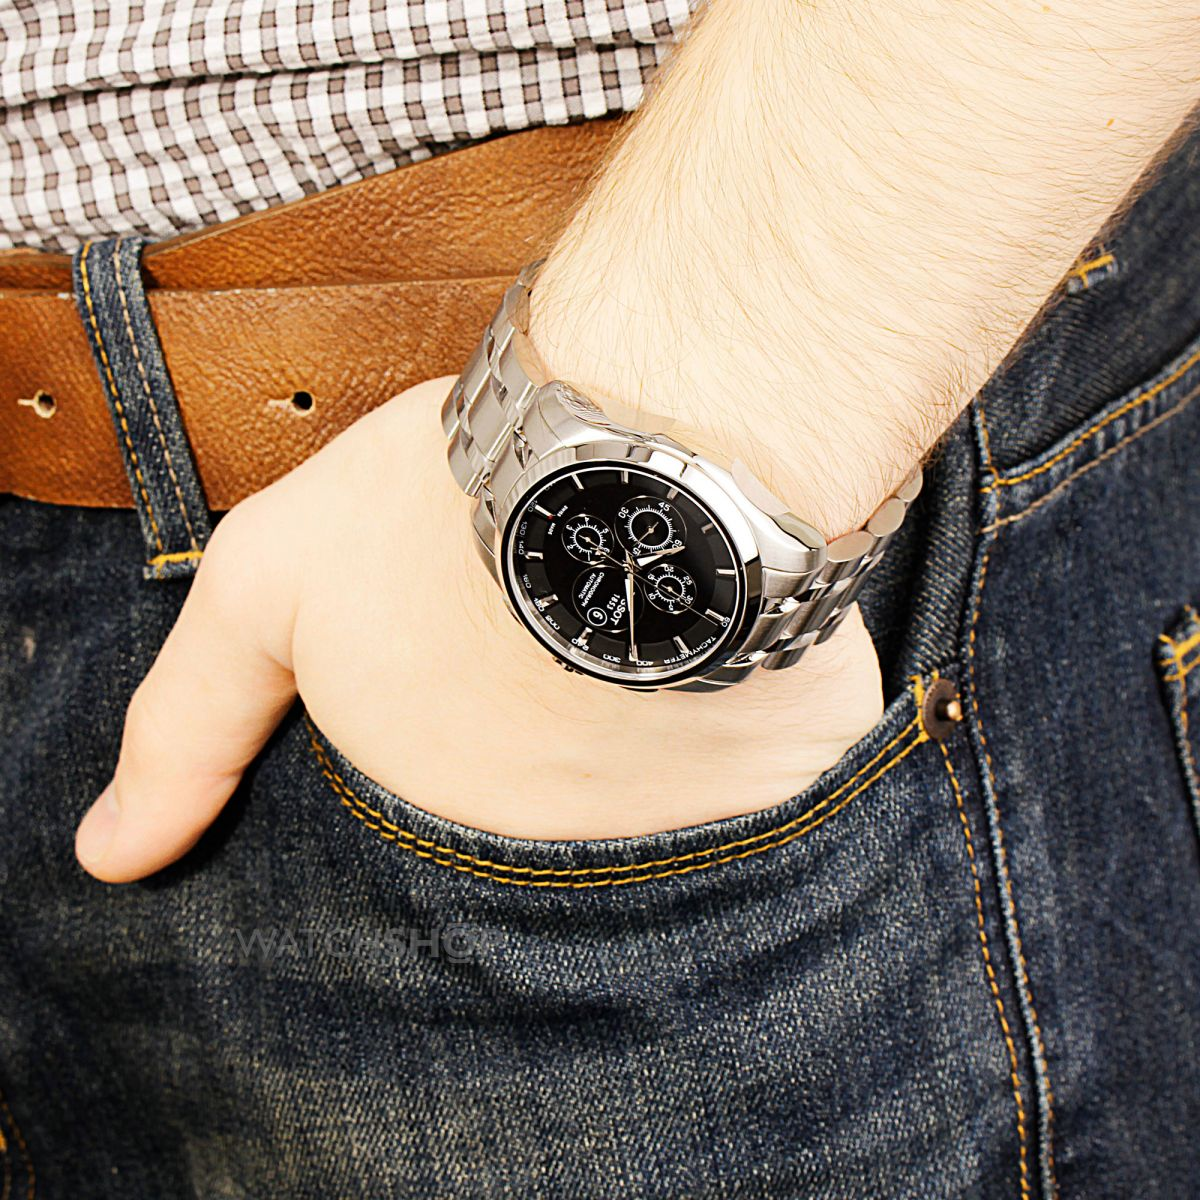 خرید ساعت تیسوت در ایران